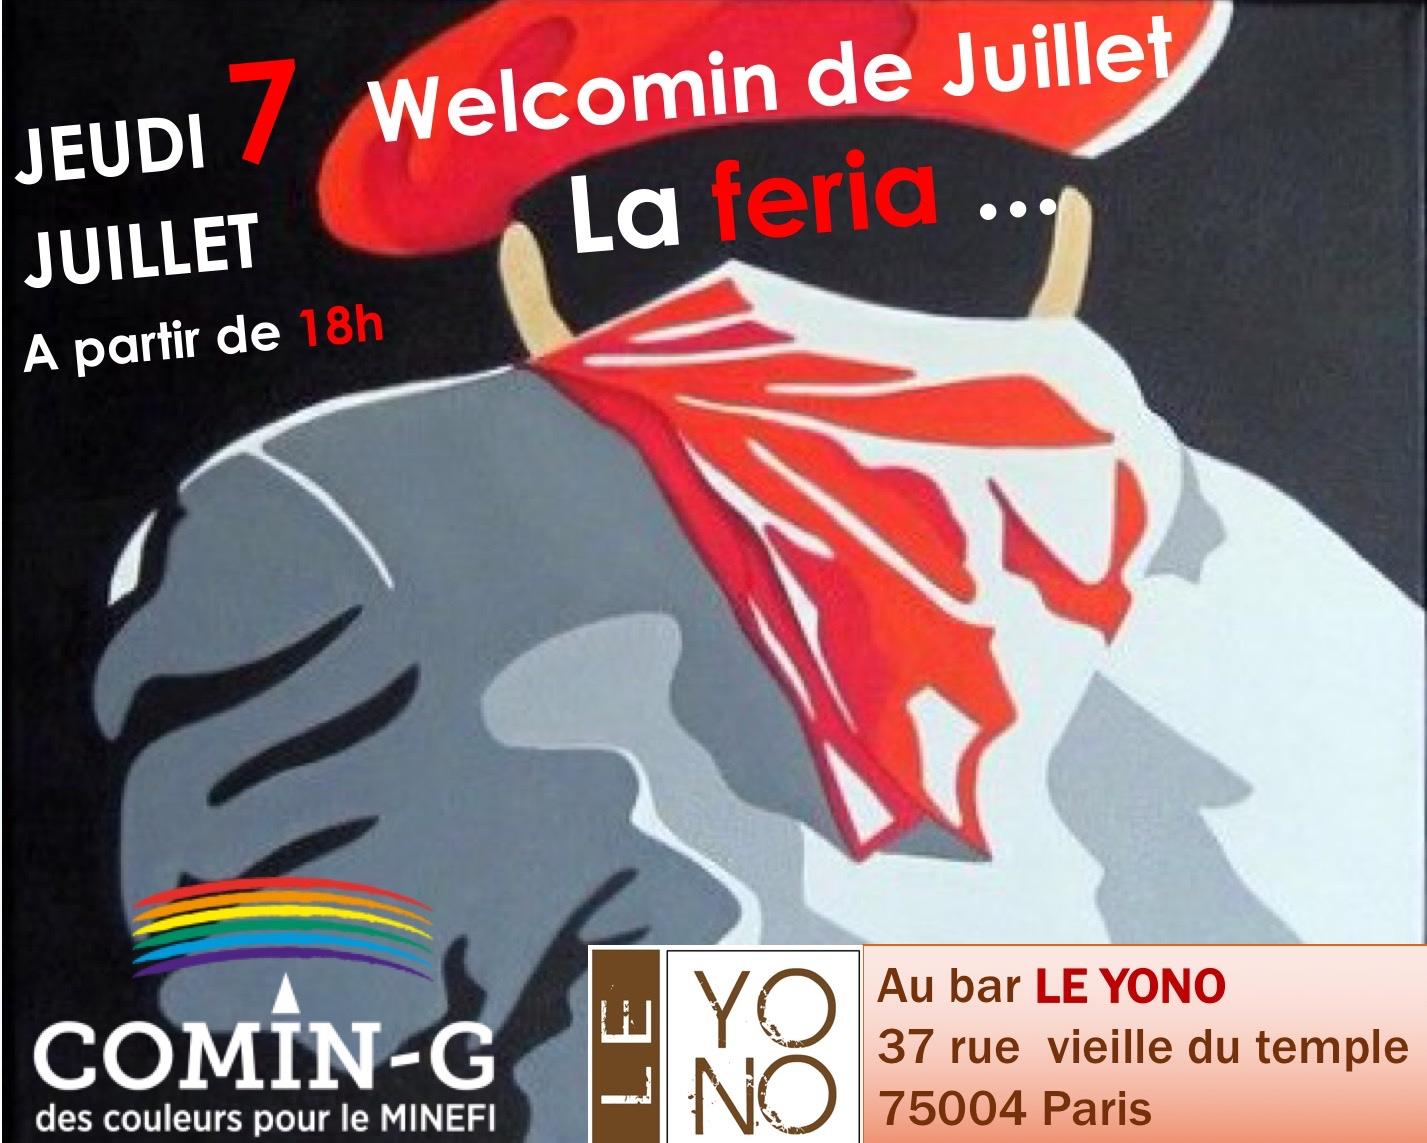 Welcomin-Juillet2016